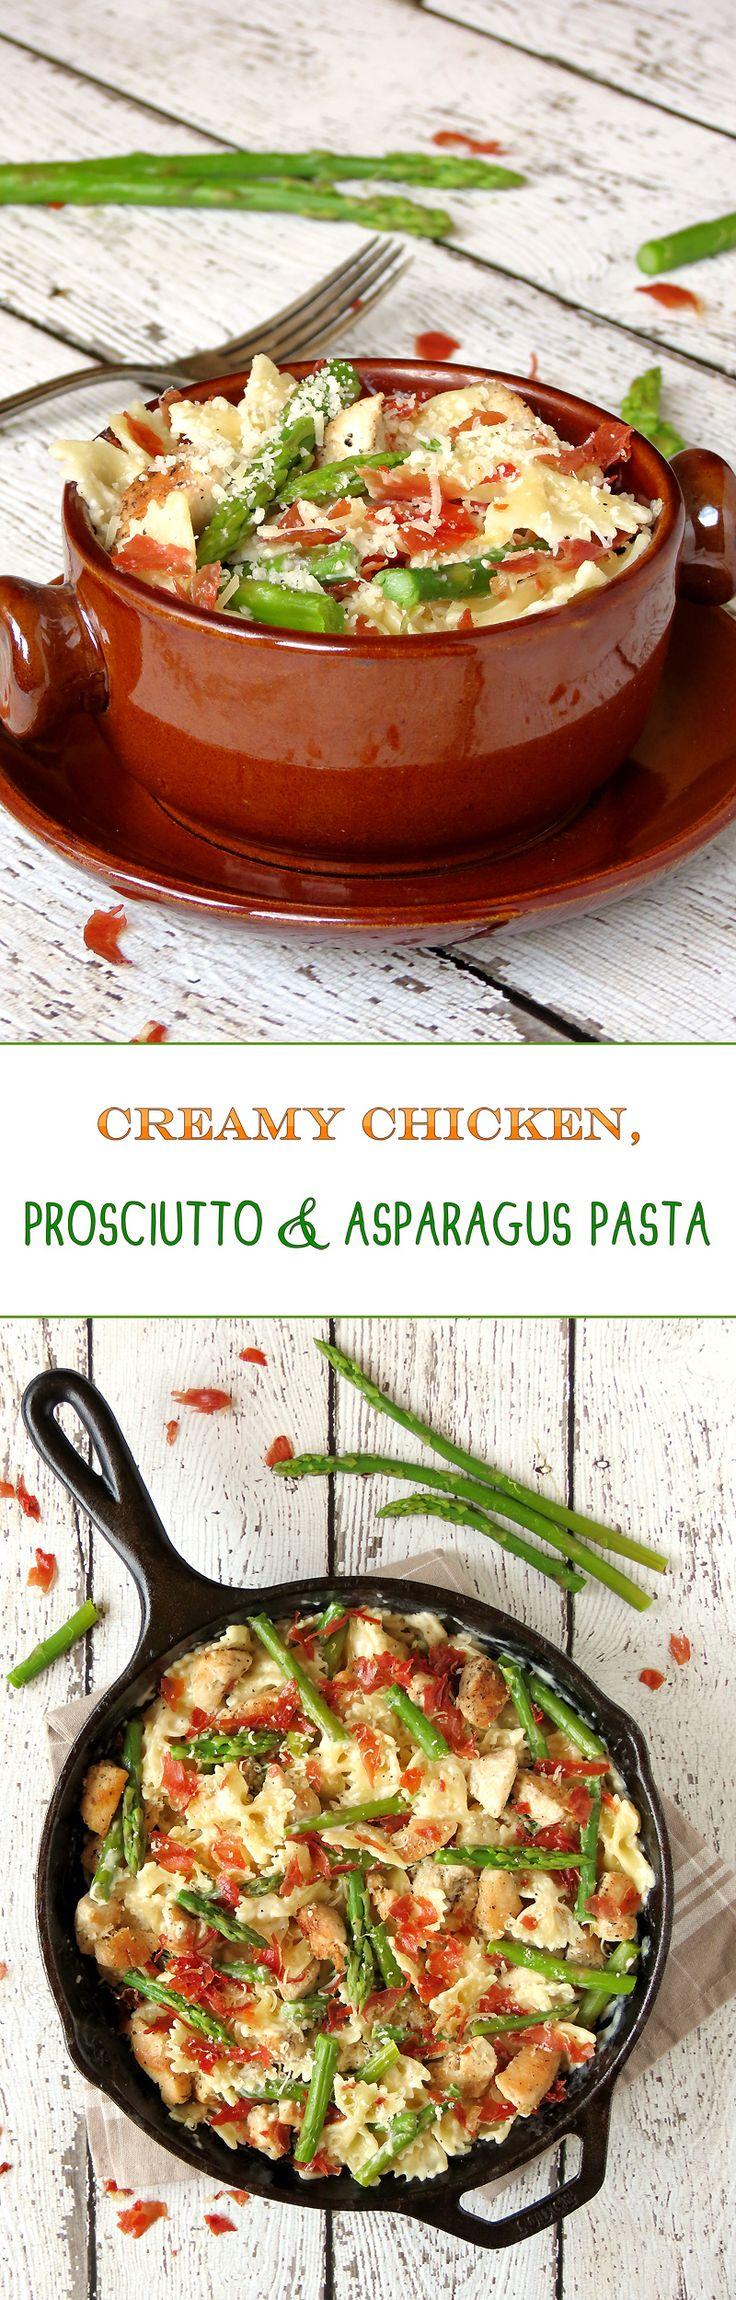 Creamy Chicken, Prosciutto And Asparagus Pasta | yummyaddiction.com | #pasta #chicken #asparagus